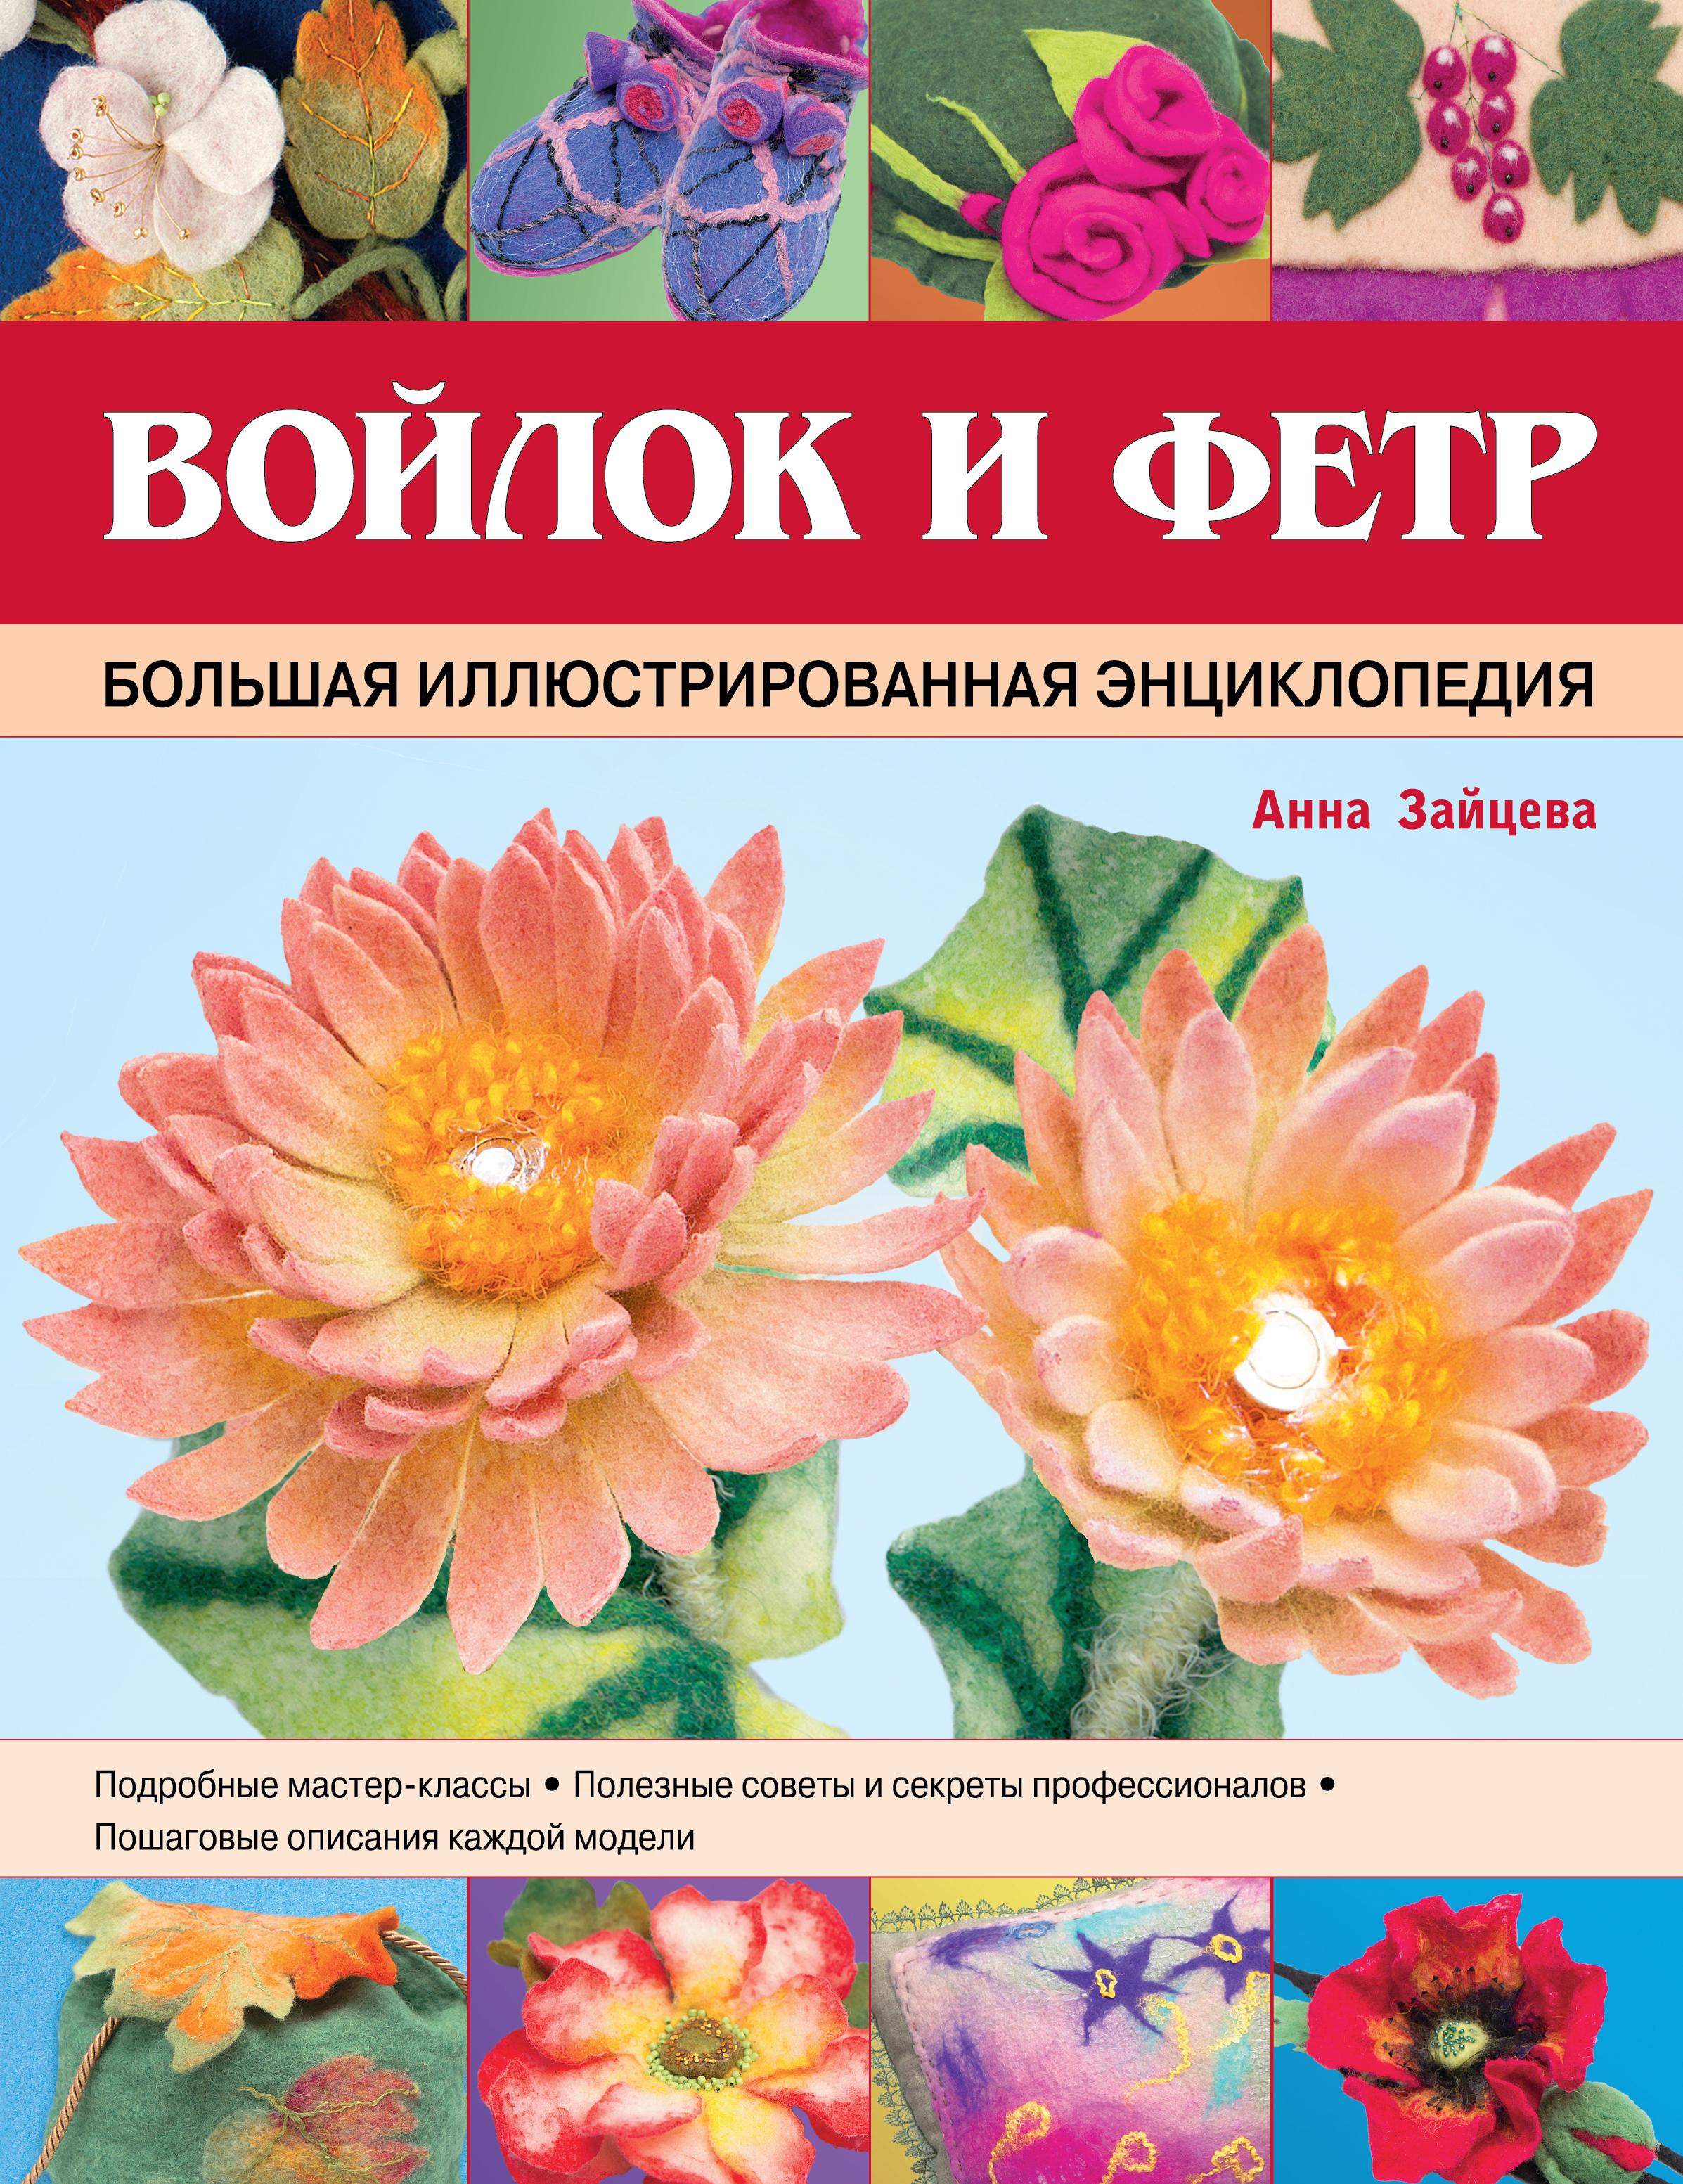 Анна Зайцева Войлок и фетр. Большая иллюстрированная энциклопедия